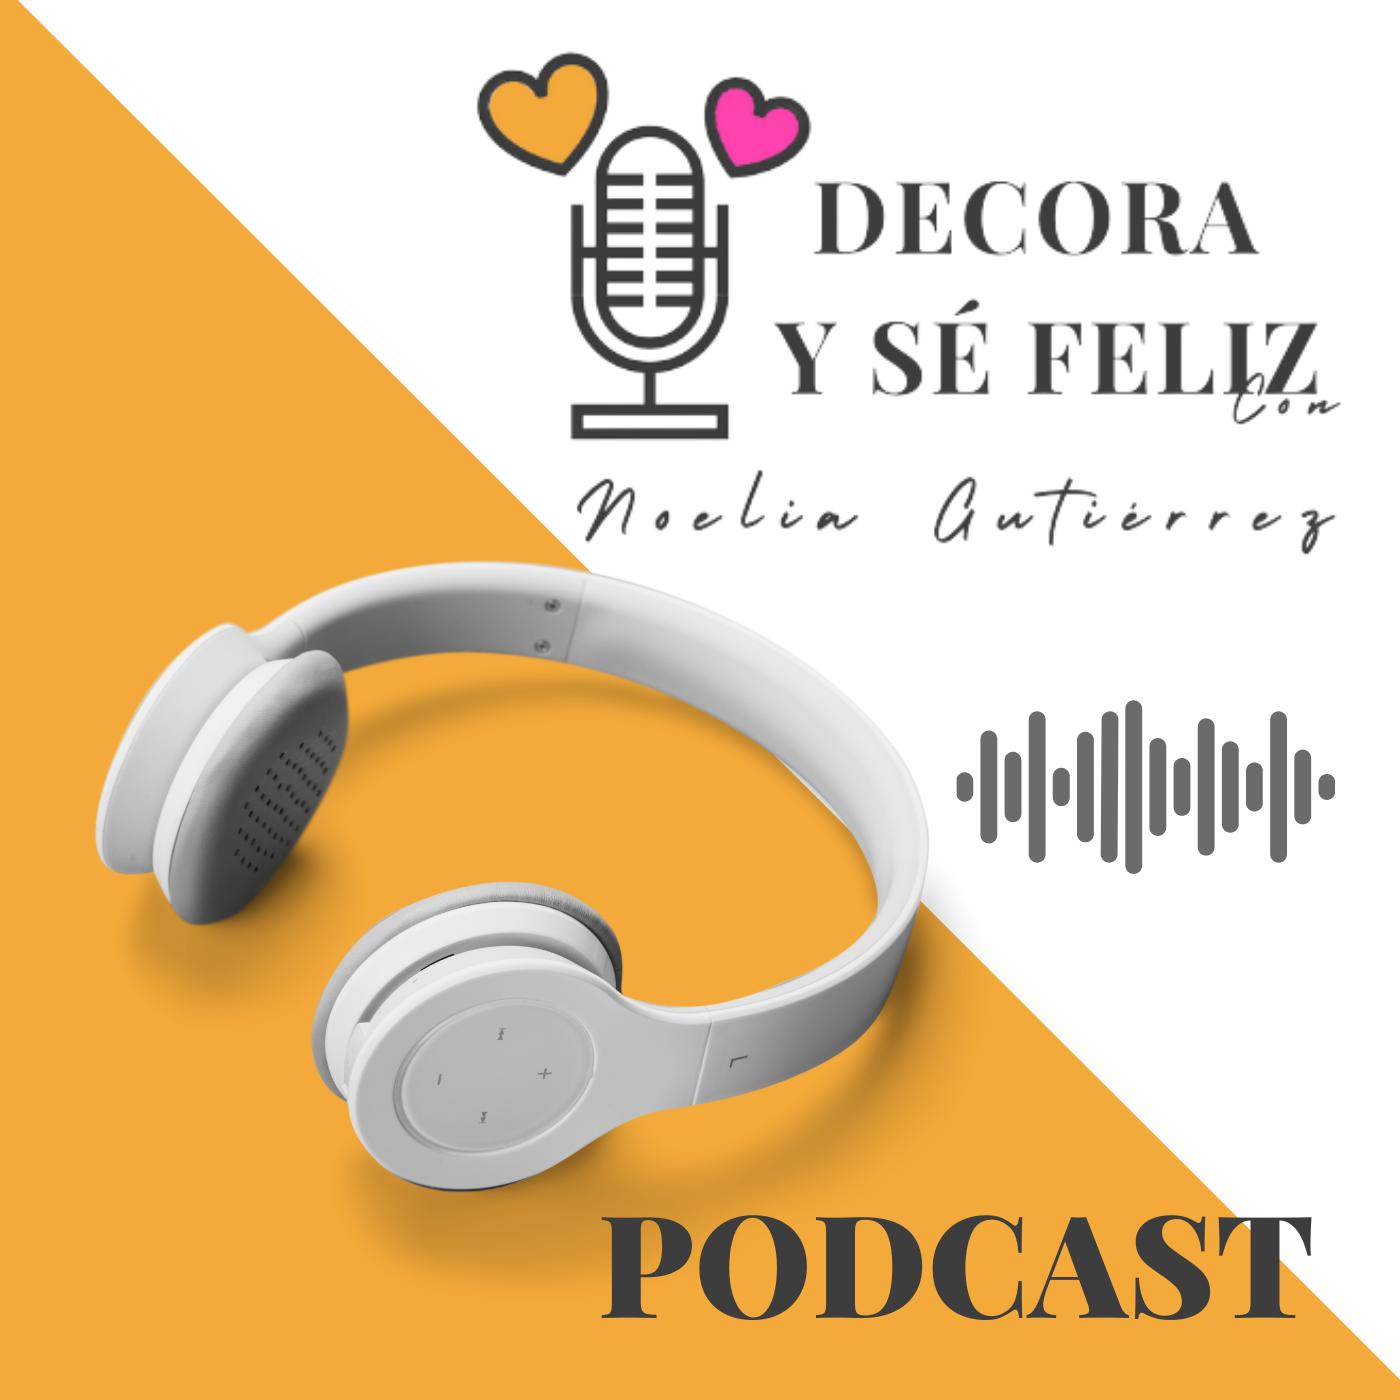 podcast-decora-se-feliz-aprende-decoracion-noelia-unik-designs